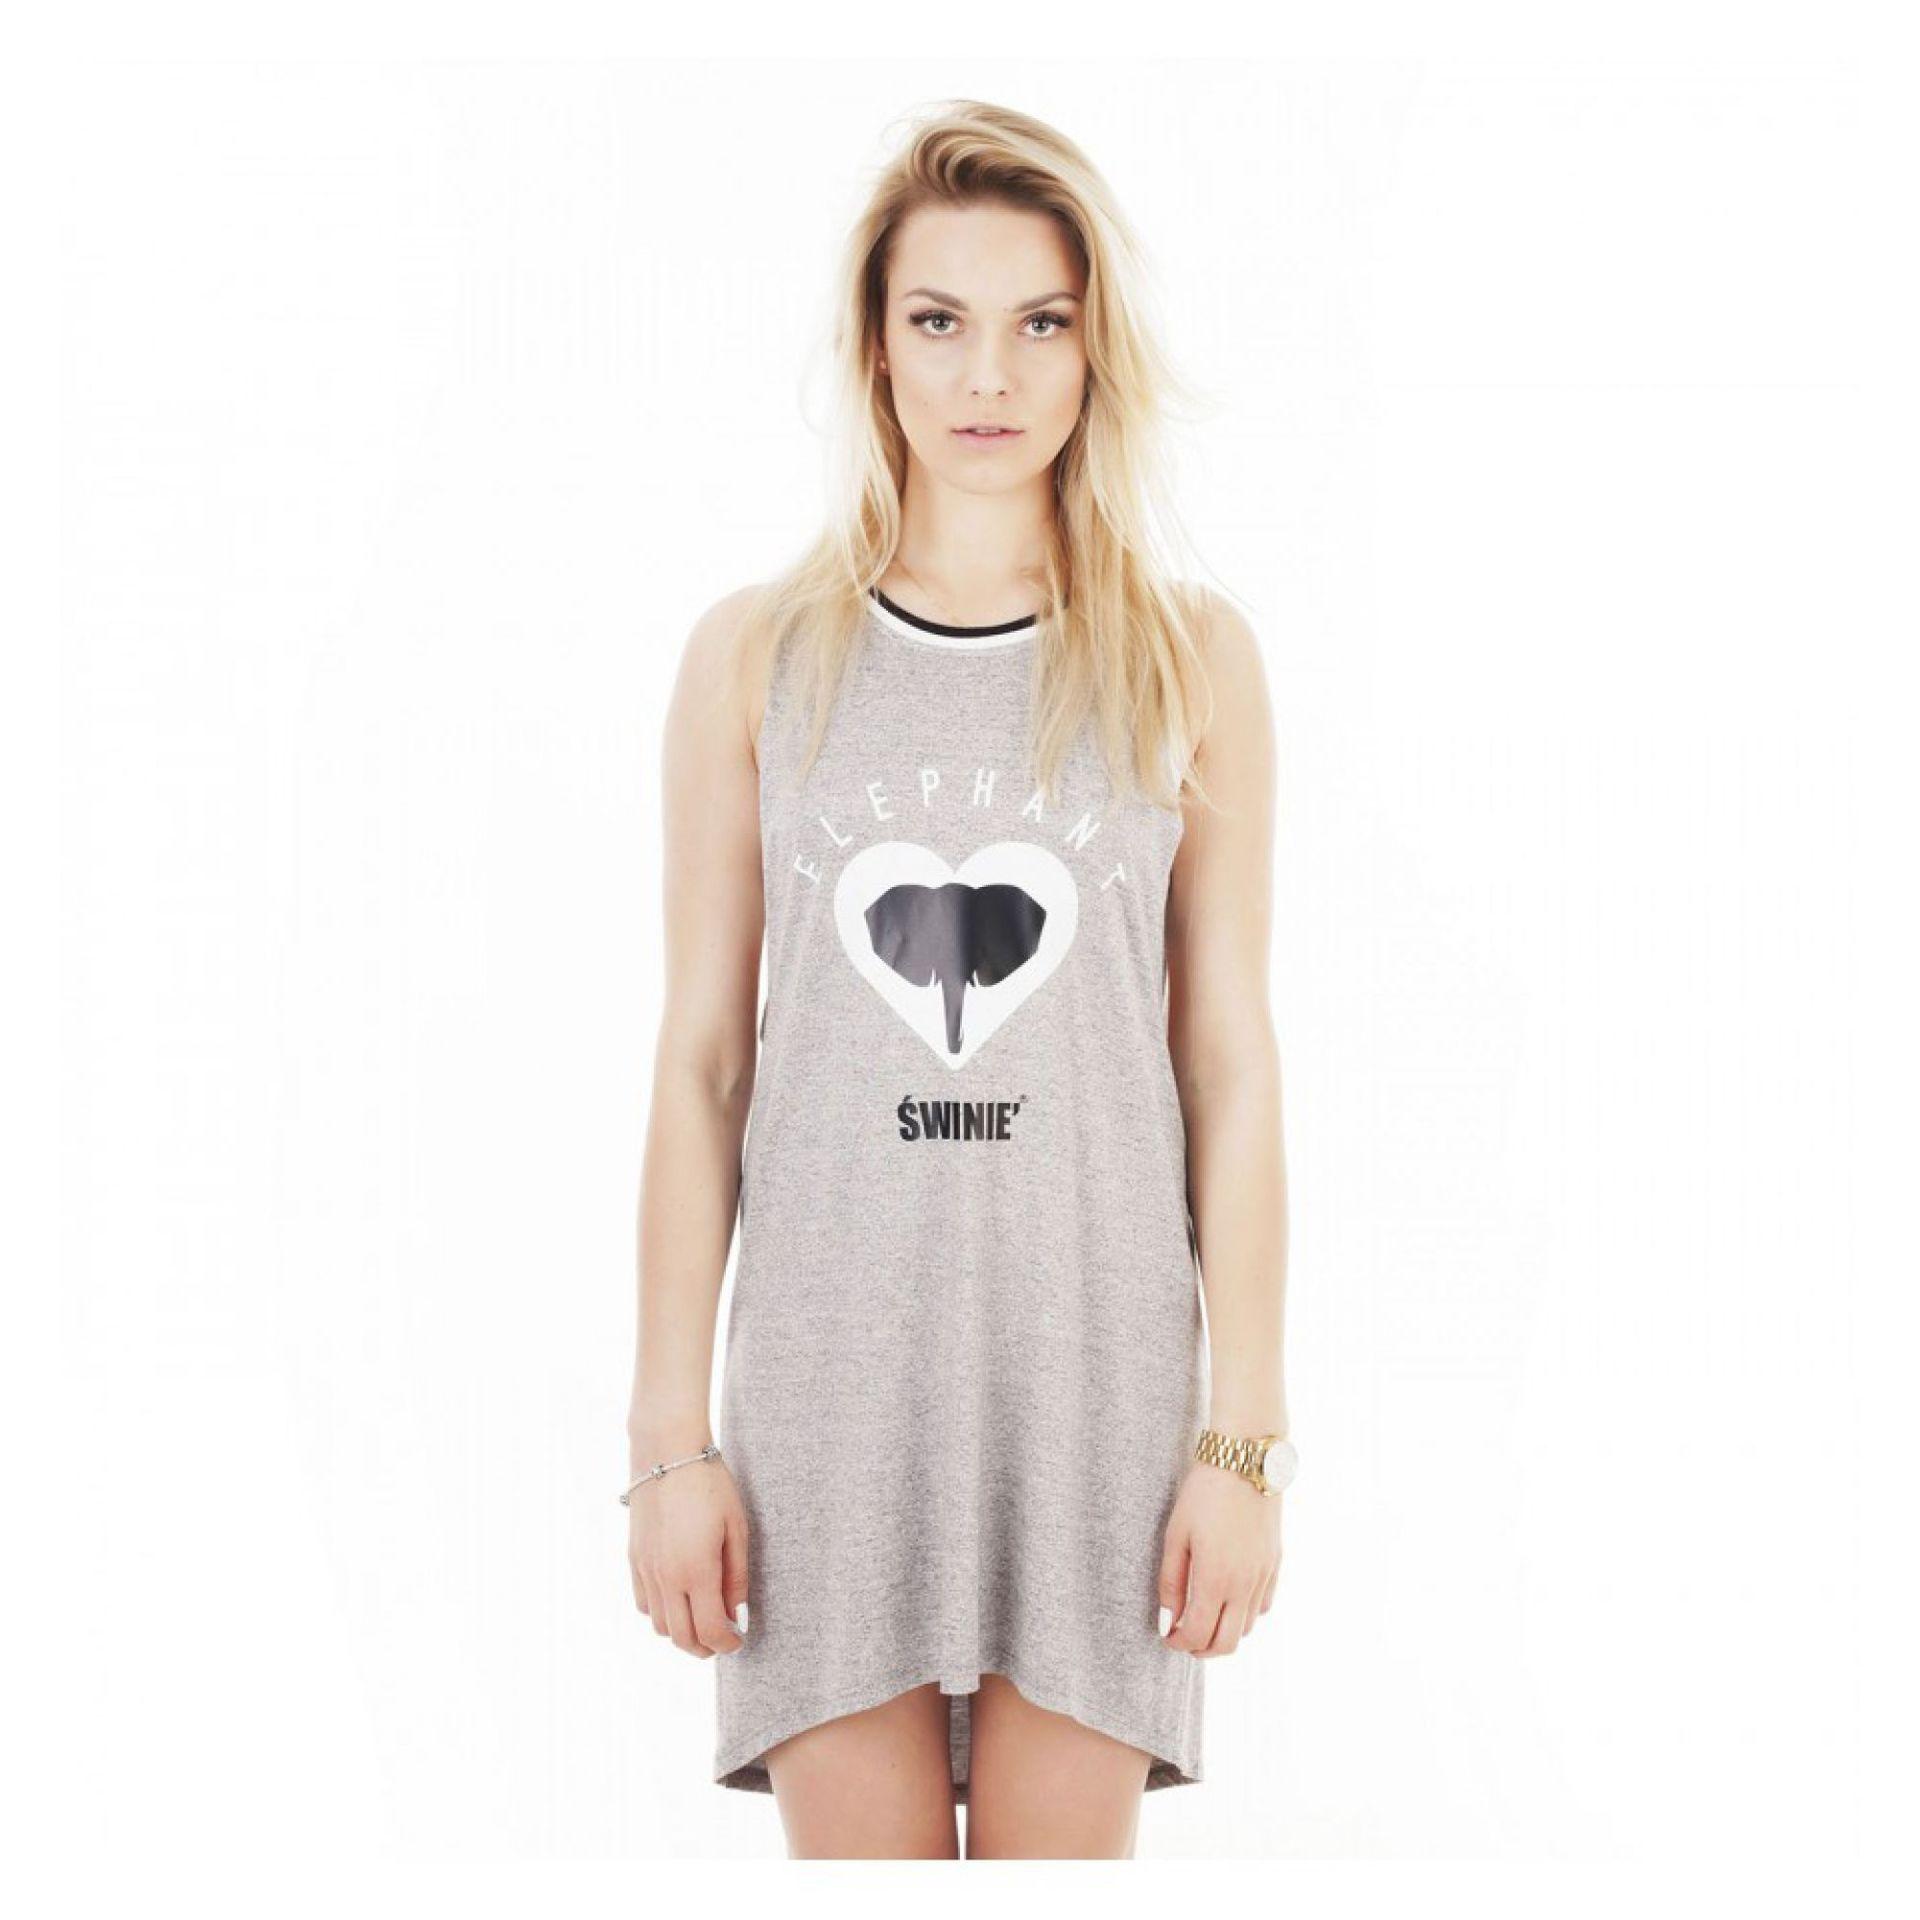 SUKIENKA ŚWINIE ELEPHANT DRESS 2016 SZARY 1